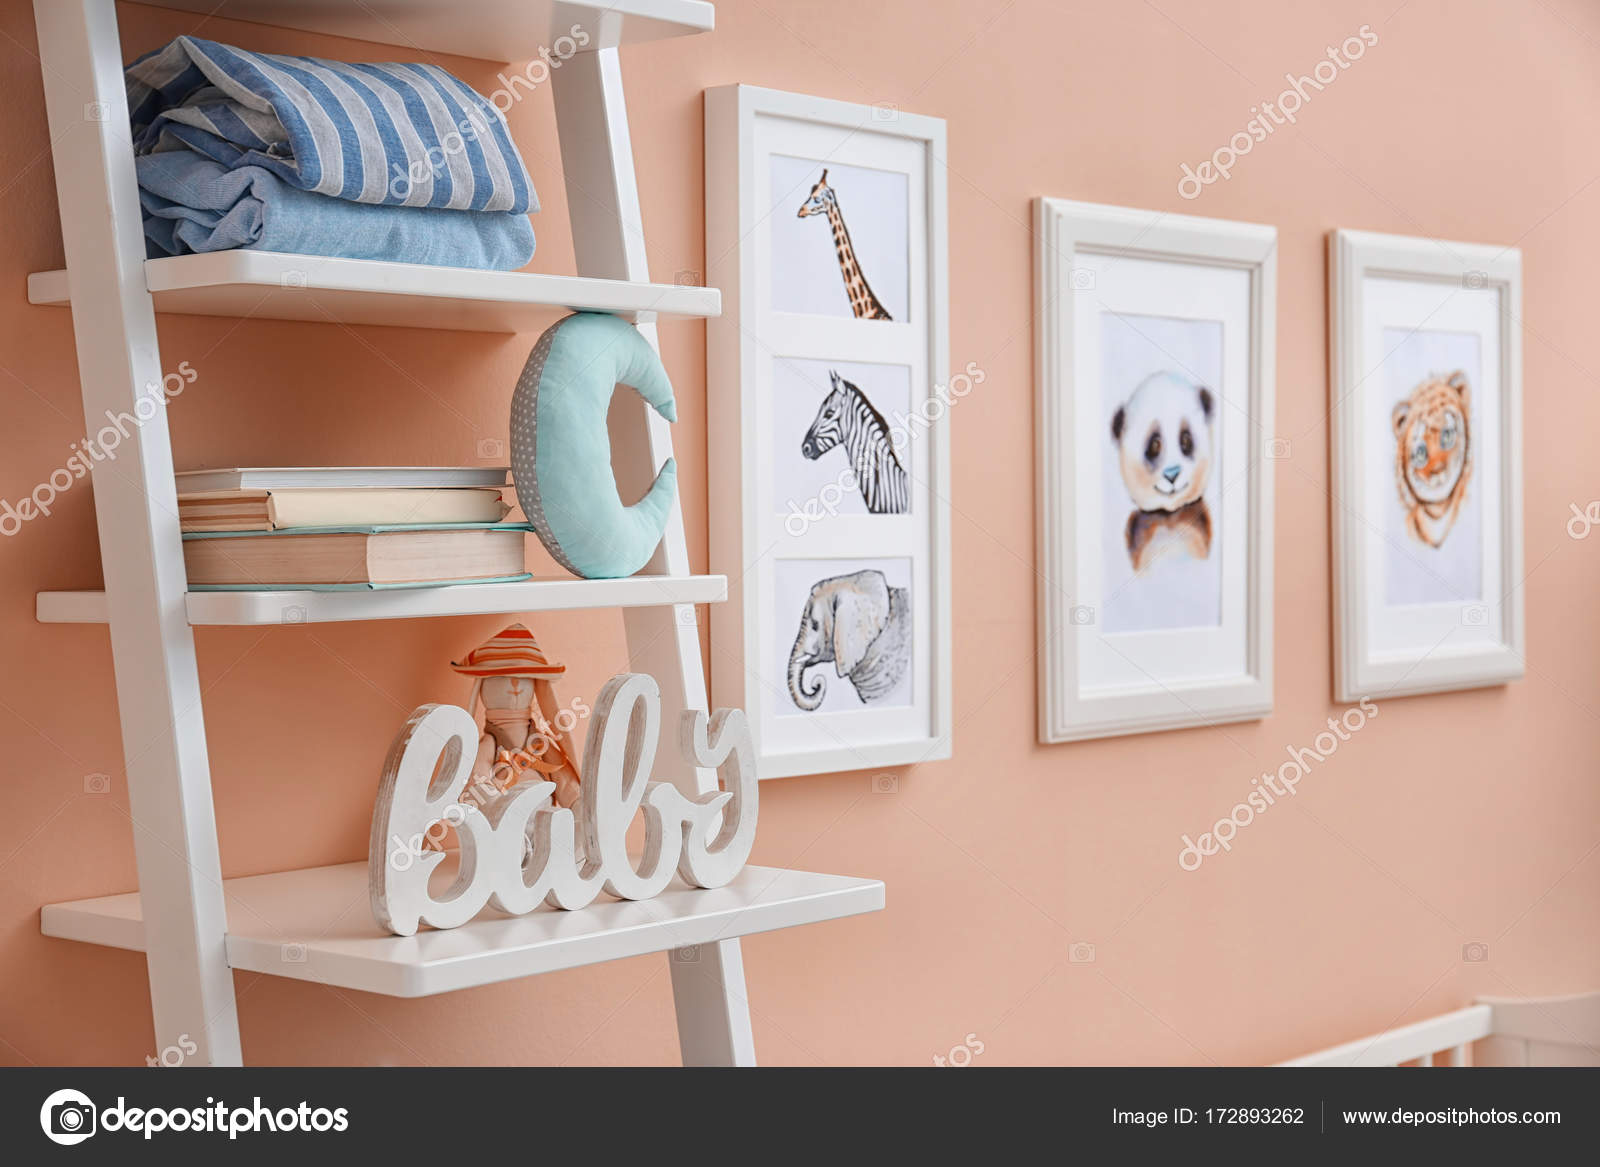 Półki Z Zabawkami I Zdjęcia Zwierząt Na ścianie W Pokoju